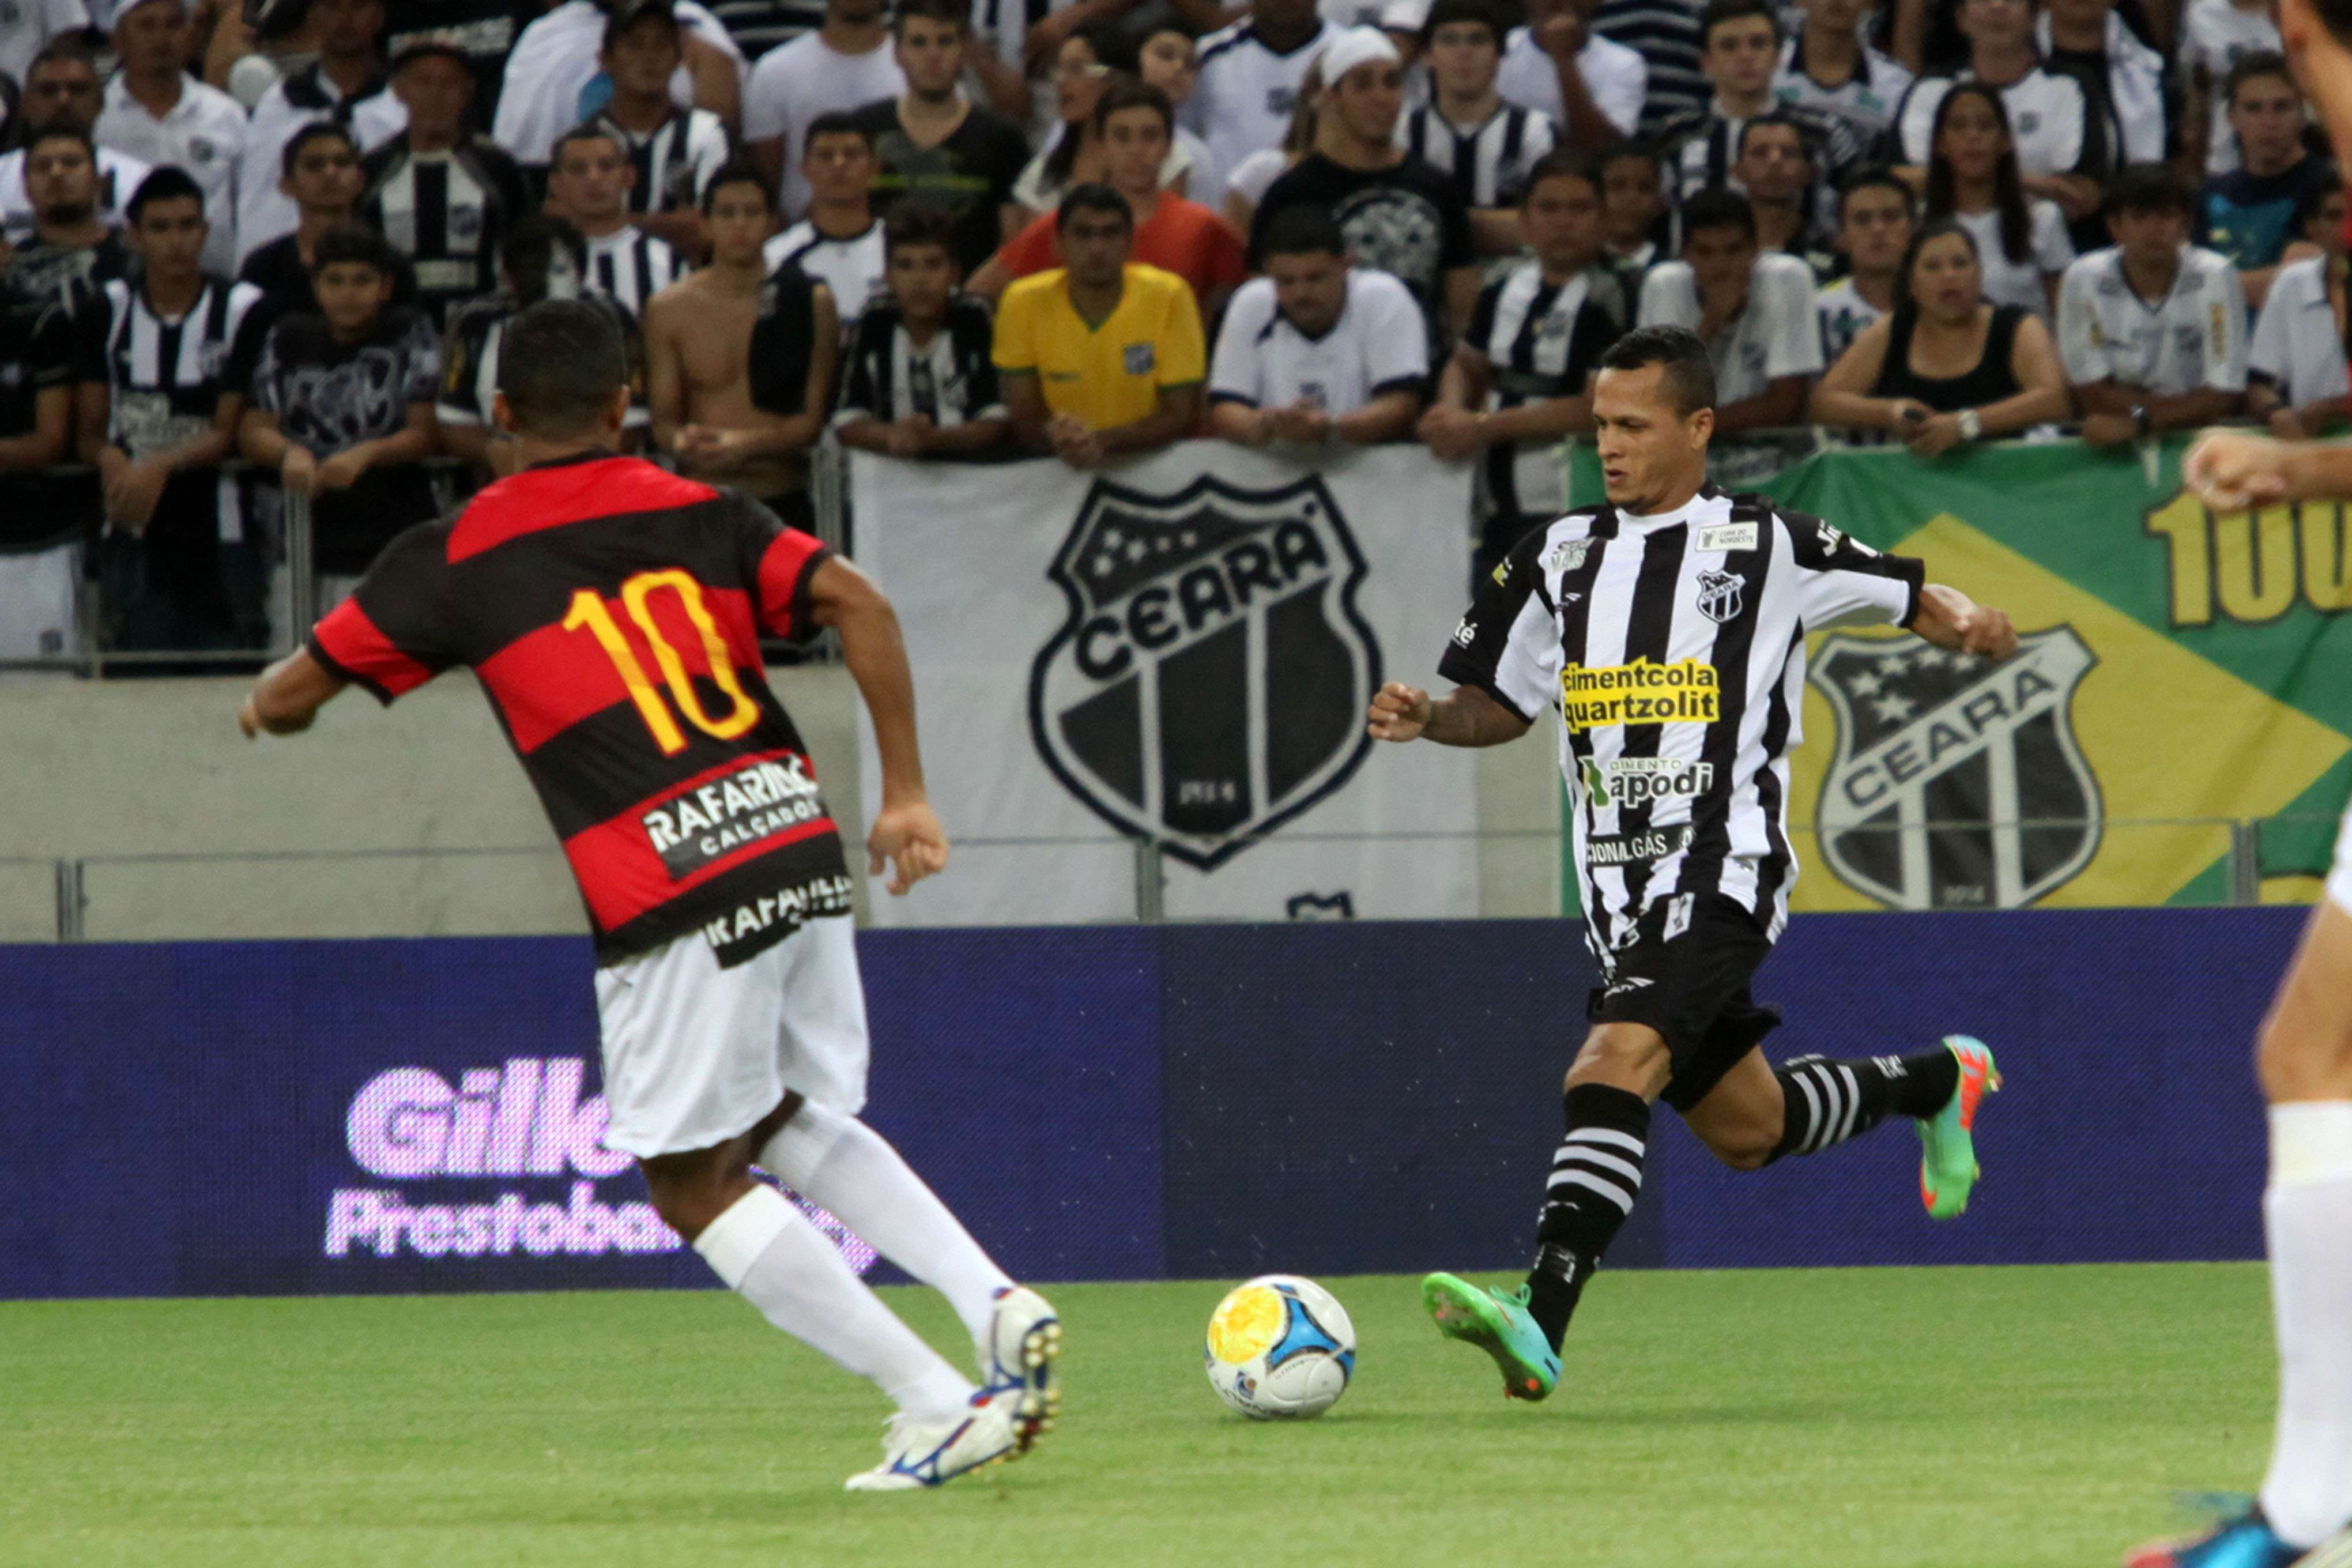 Clube rubro-negro conquistou terceiro título da Copa do Nordeste em sua história Foto: LC Moreira/Agência Lance